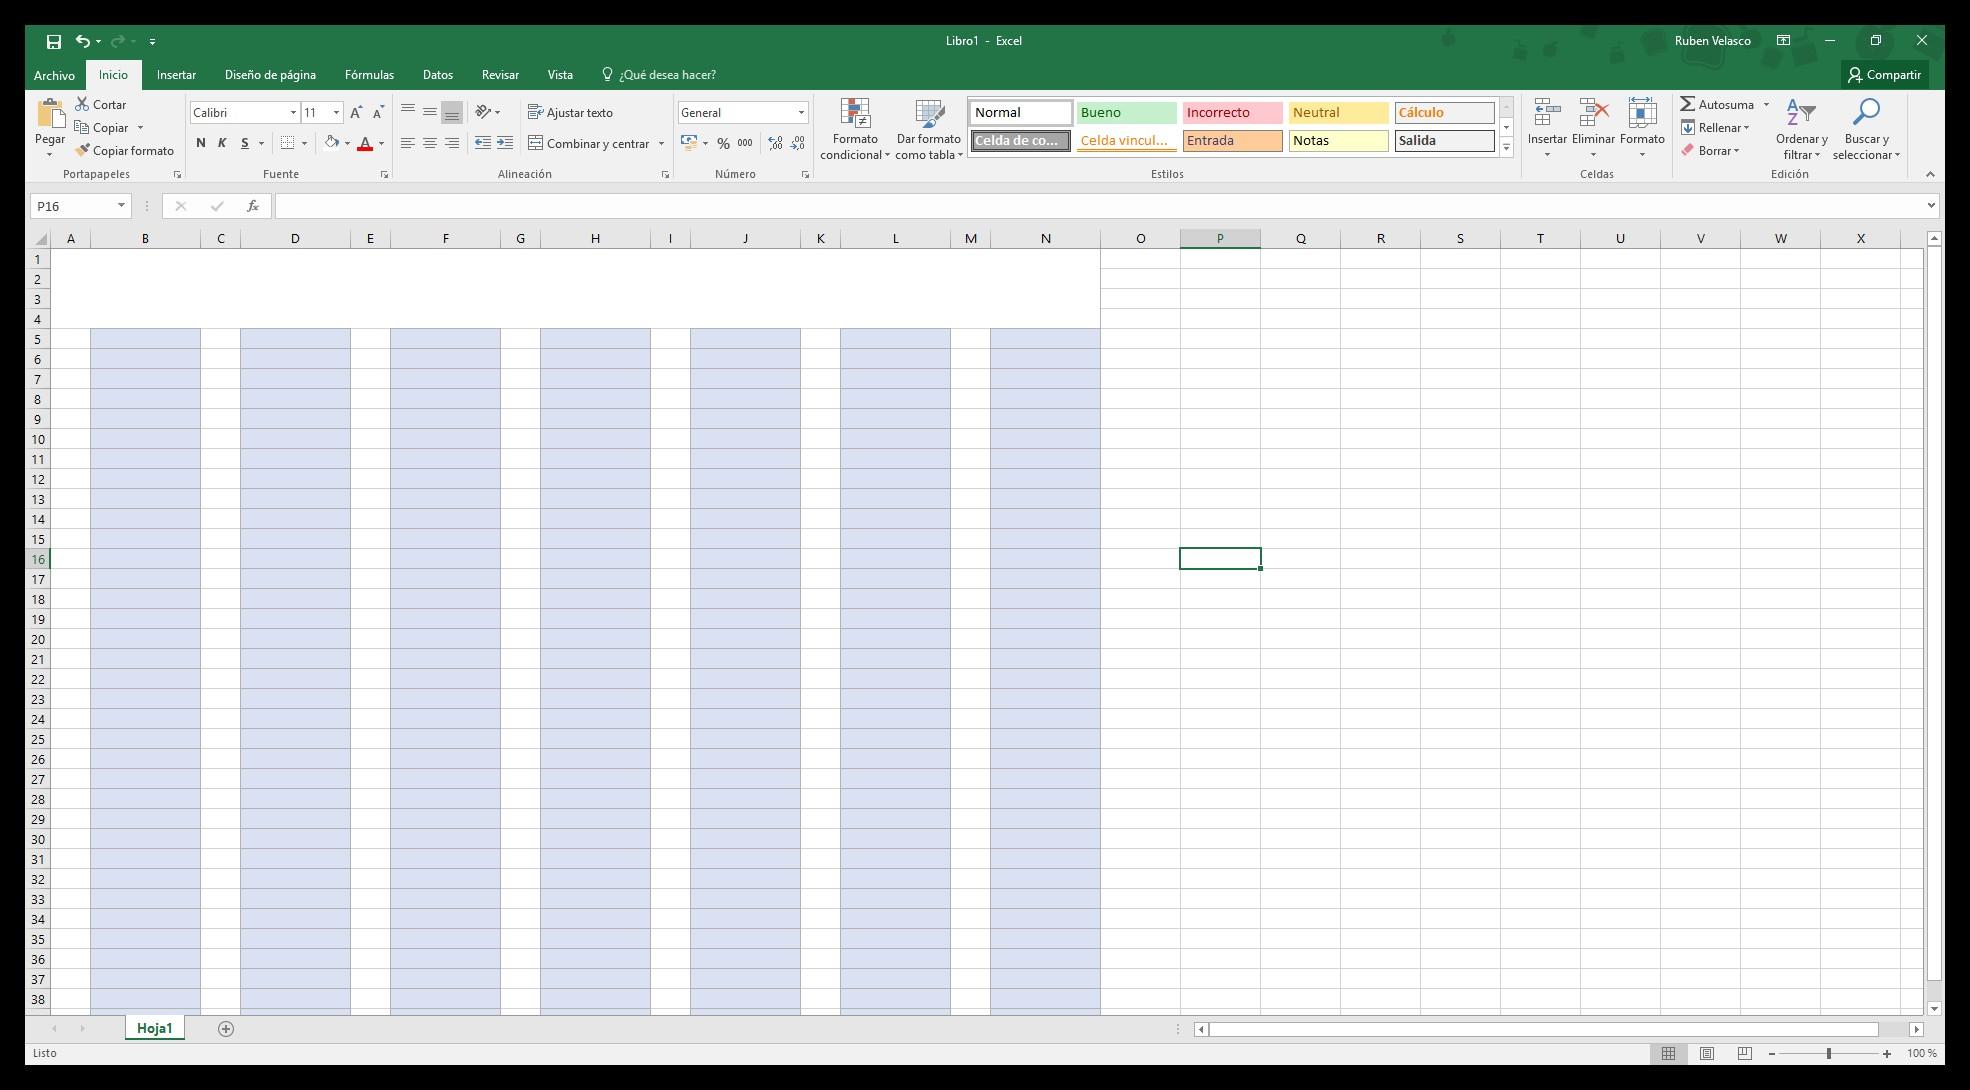 Calendario Abril 2019 Para Imprimir Excel Más Recientes C³mo Hacer Un Calendario 2018 En Excel Of Calendario Abril 2019 Para Imprimir Excel Más Populares Calendario Para Imprimir 2018 2019 Адвент каРендарь